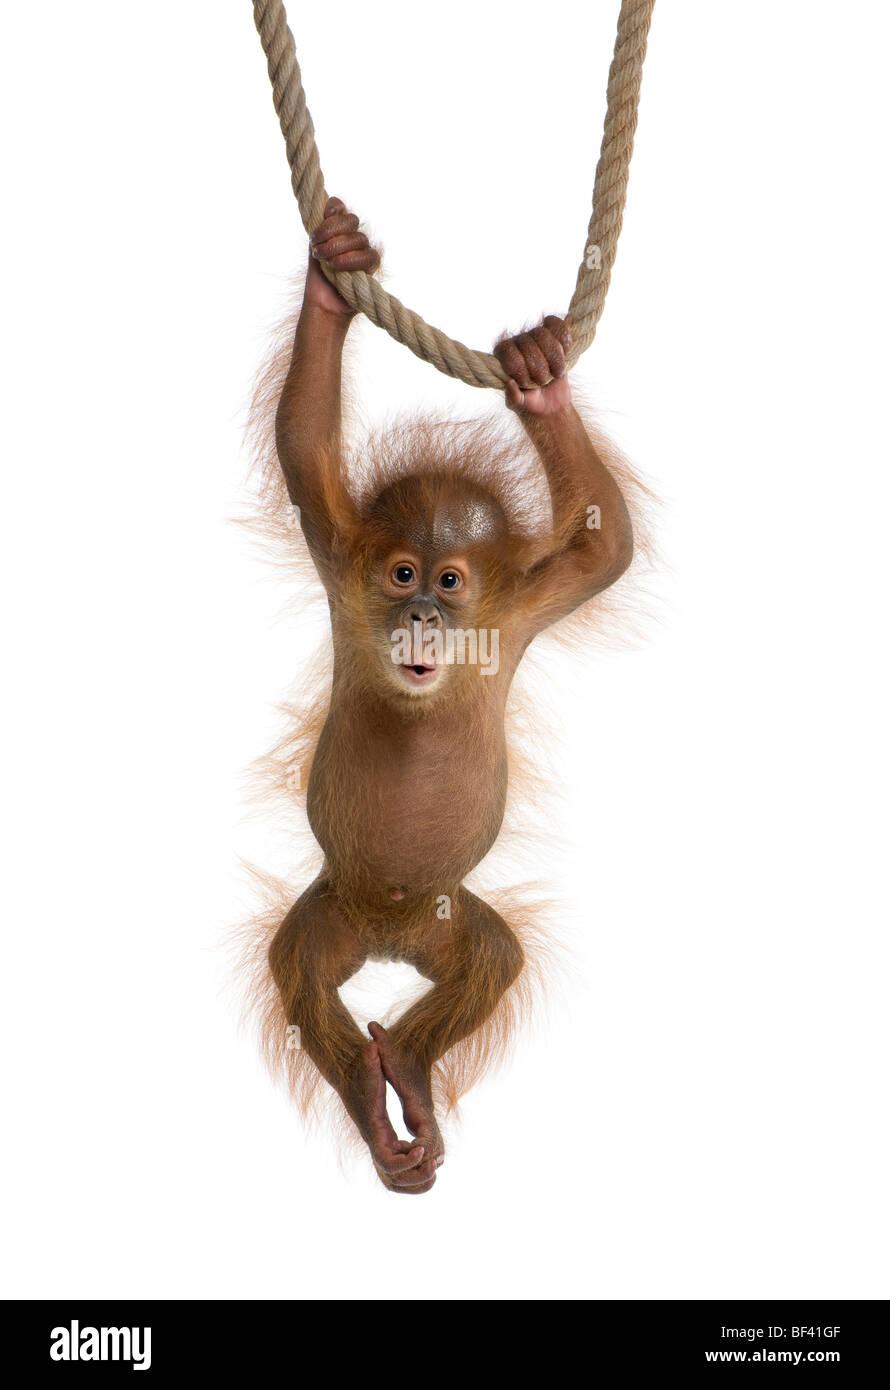 Baby Orangutang Sumatra, 4 mesi di età, appeso a una fune di fronte a uno sfondo bianco, studio shot Immagini Stock